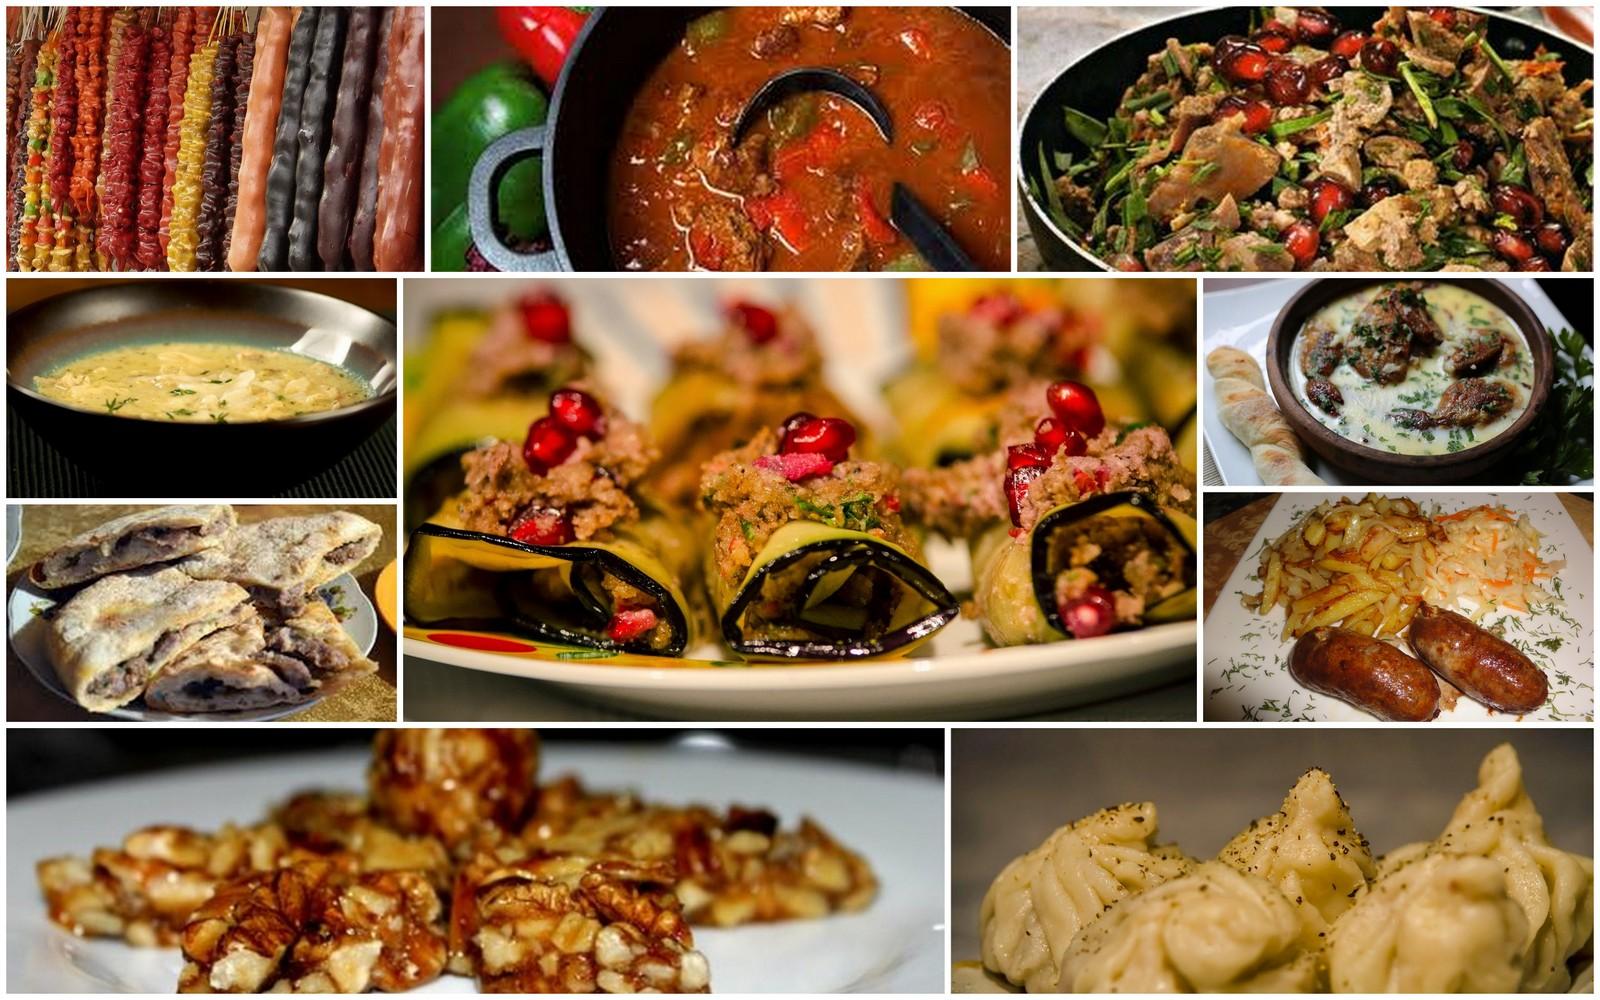 Gruzinska Kuchnia Potrawy Georgia Adventure Club